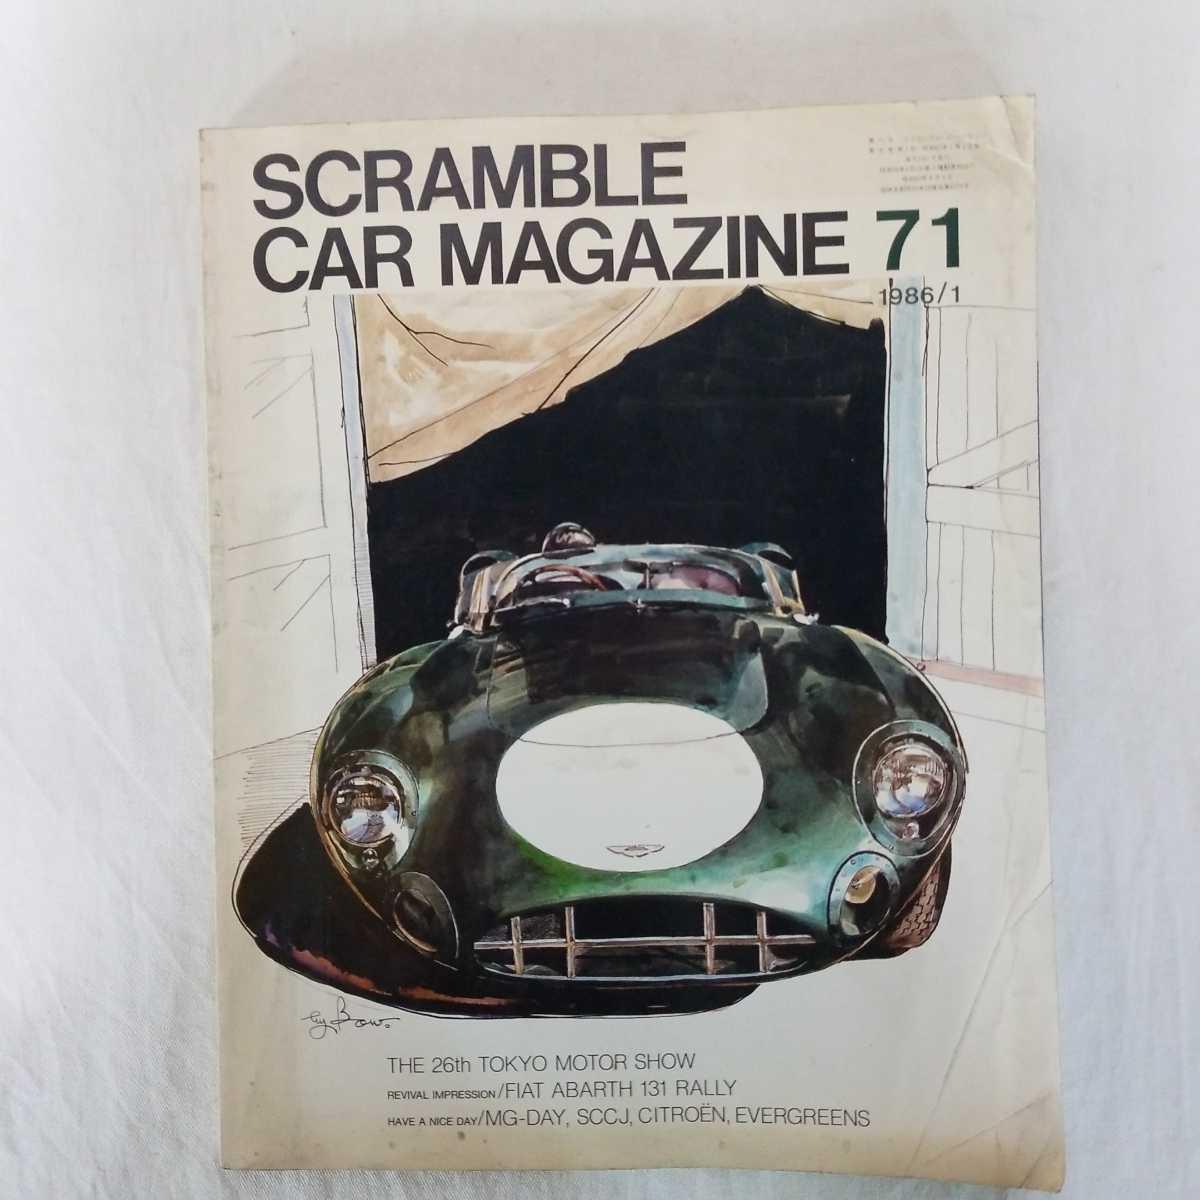 スクランブル・カー・マガジン SCRAMBLE CAR MAGAZINE 71 1986年1月号 ポルシェ ジャガー ヴィンテージ フェラーリ ベンツ_画像1